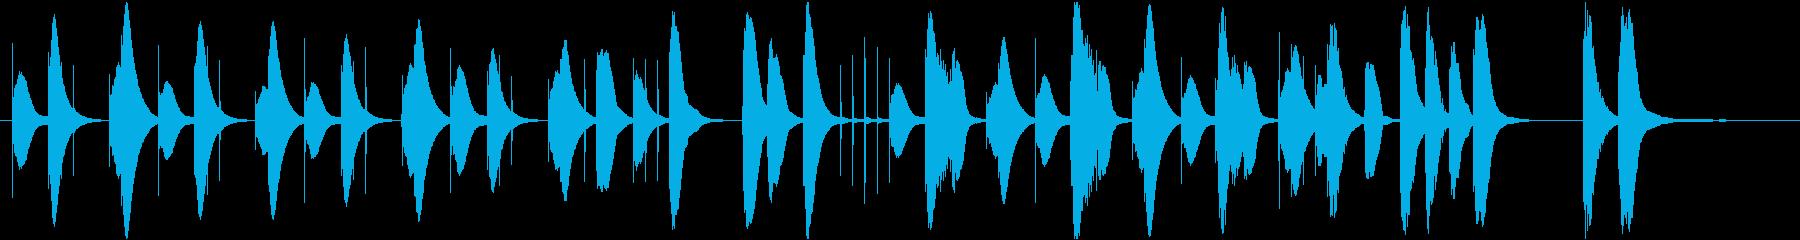 可愛らしいまったりした曲です。の再生済みの波形